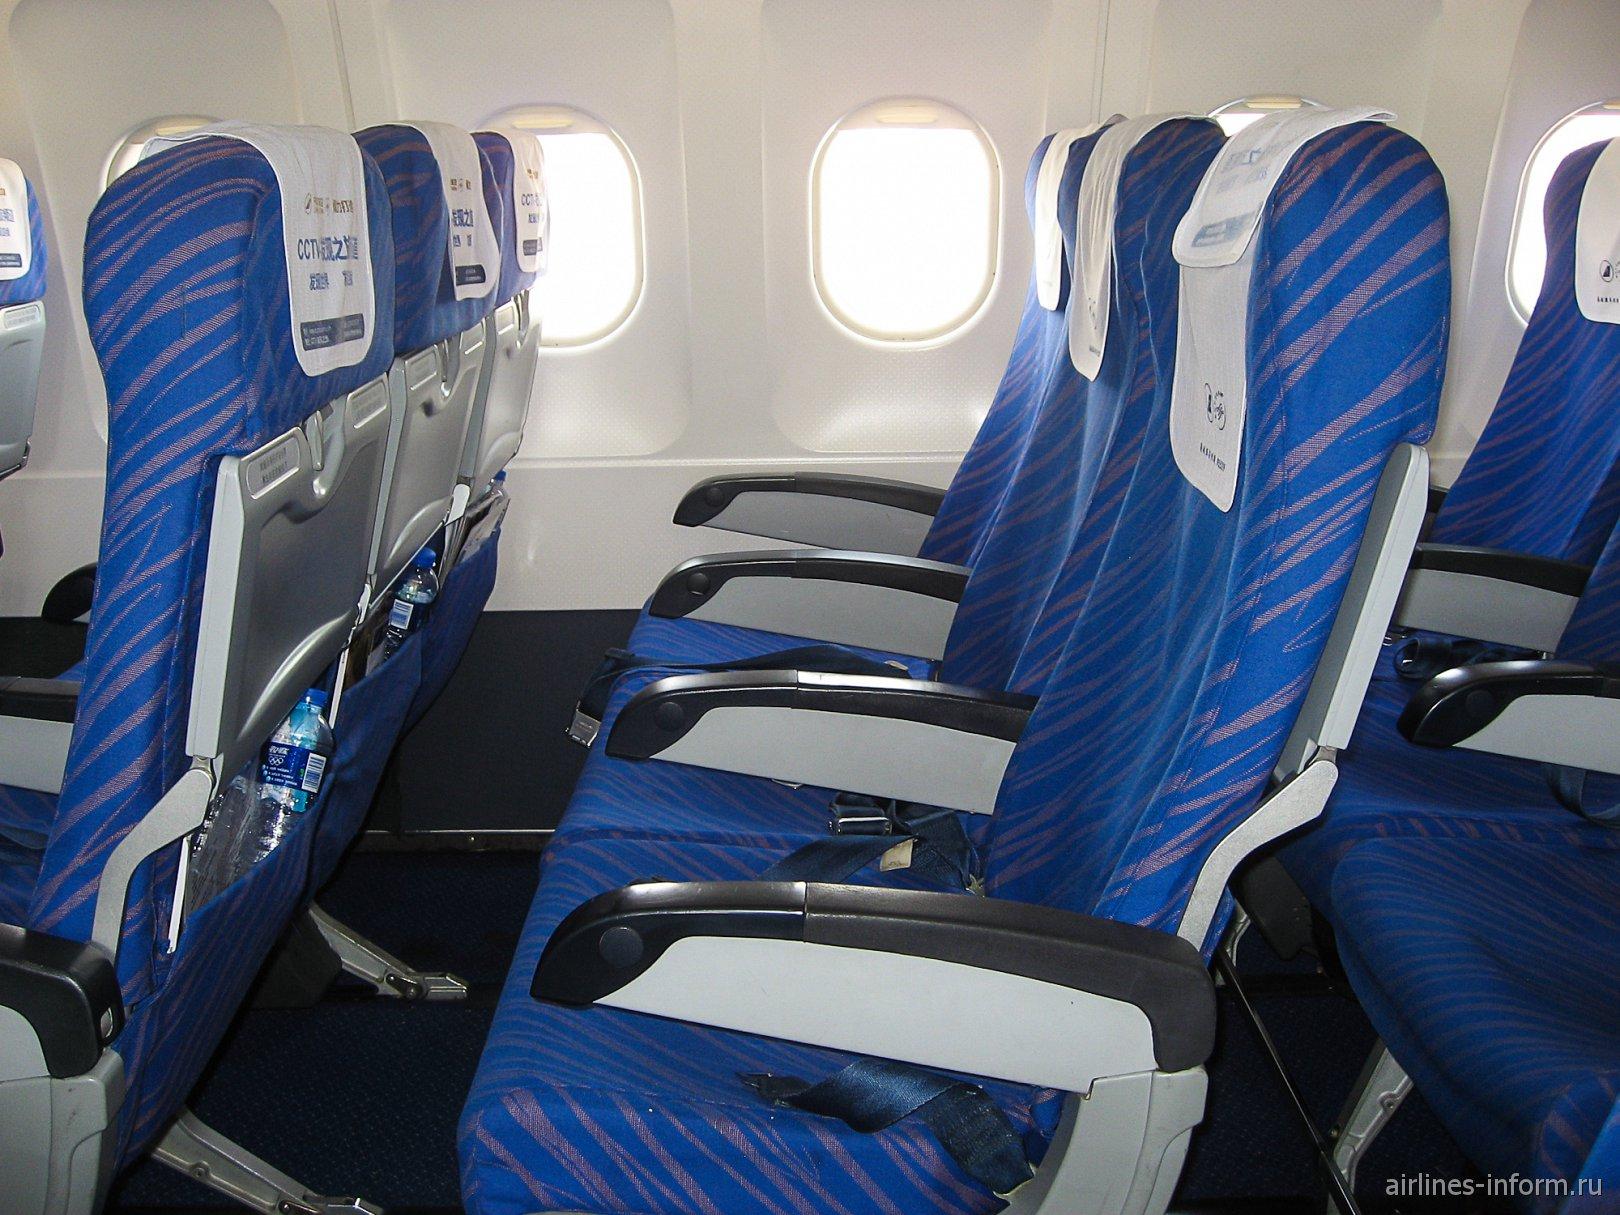 Пассажирские кресла эконом-класса в Airbus A320 авиакомпании China Southern Airlines